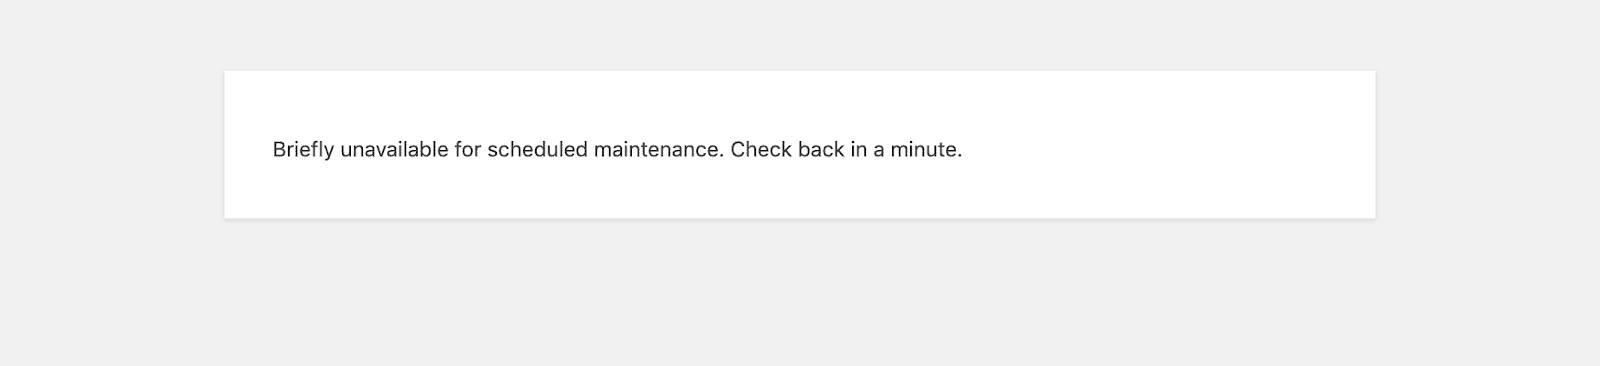 Le message «Brièvement indisponible pour maintenance planifiée» dans WordPress